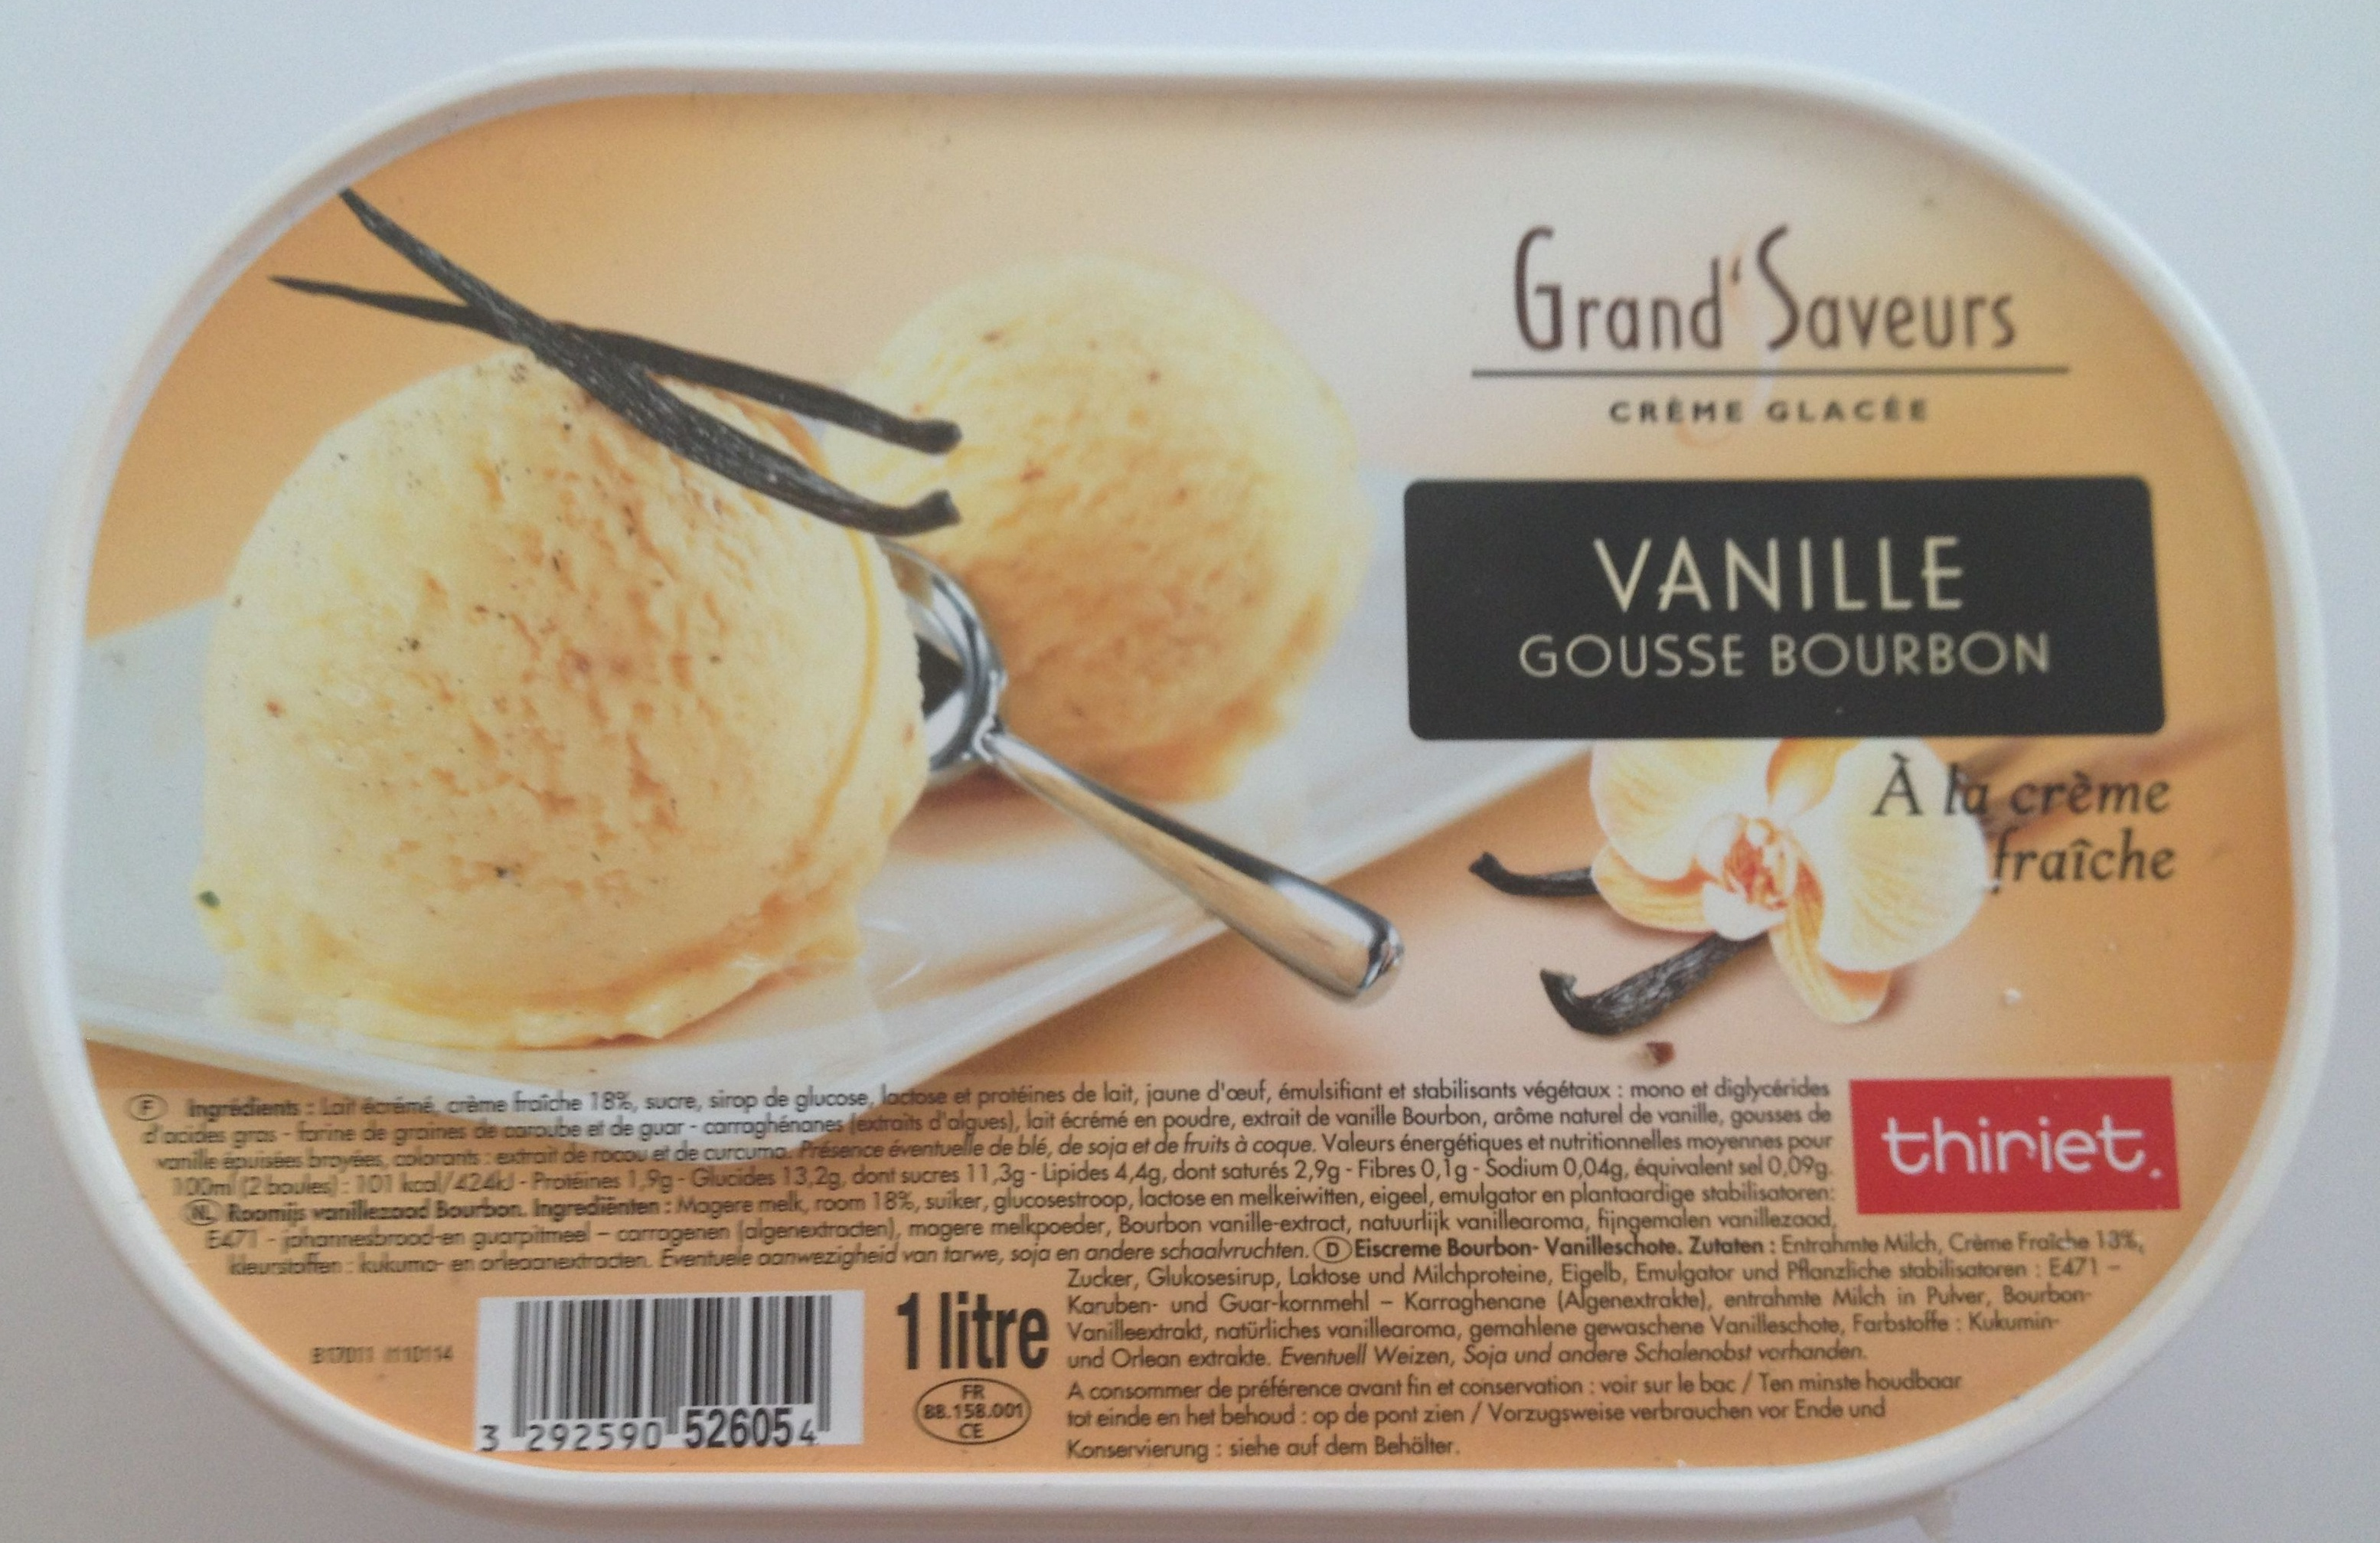 Grand' Saveurs Crème glacée Vanille Gousse Bourbon à la crème fraîche - Product